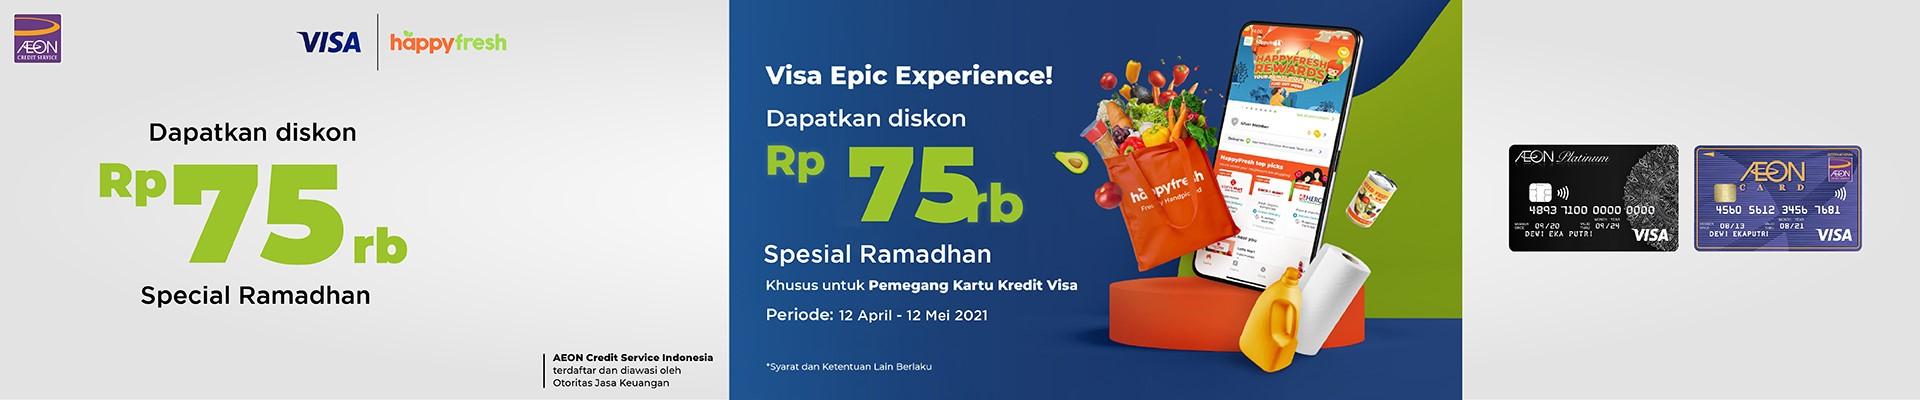 Visa Epic Experiences - Diskon Ramadhan Rp 75.000 di HappyFresh